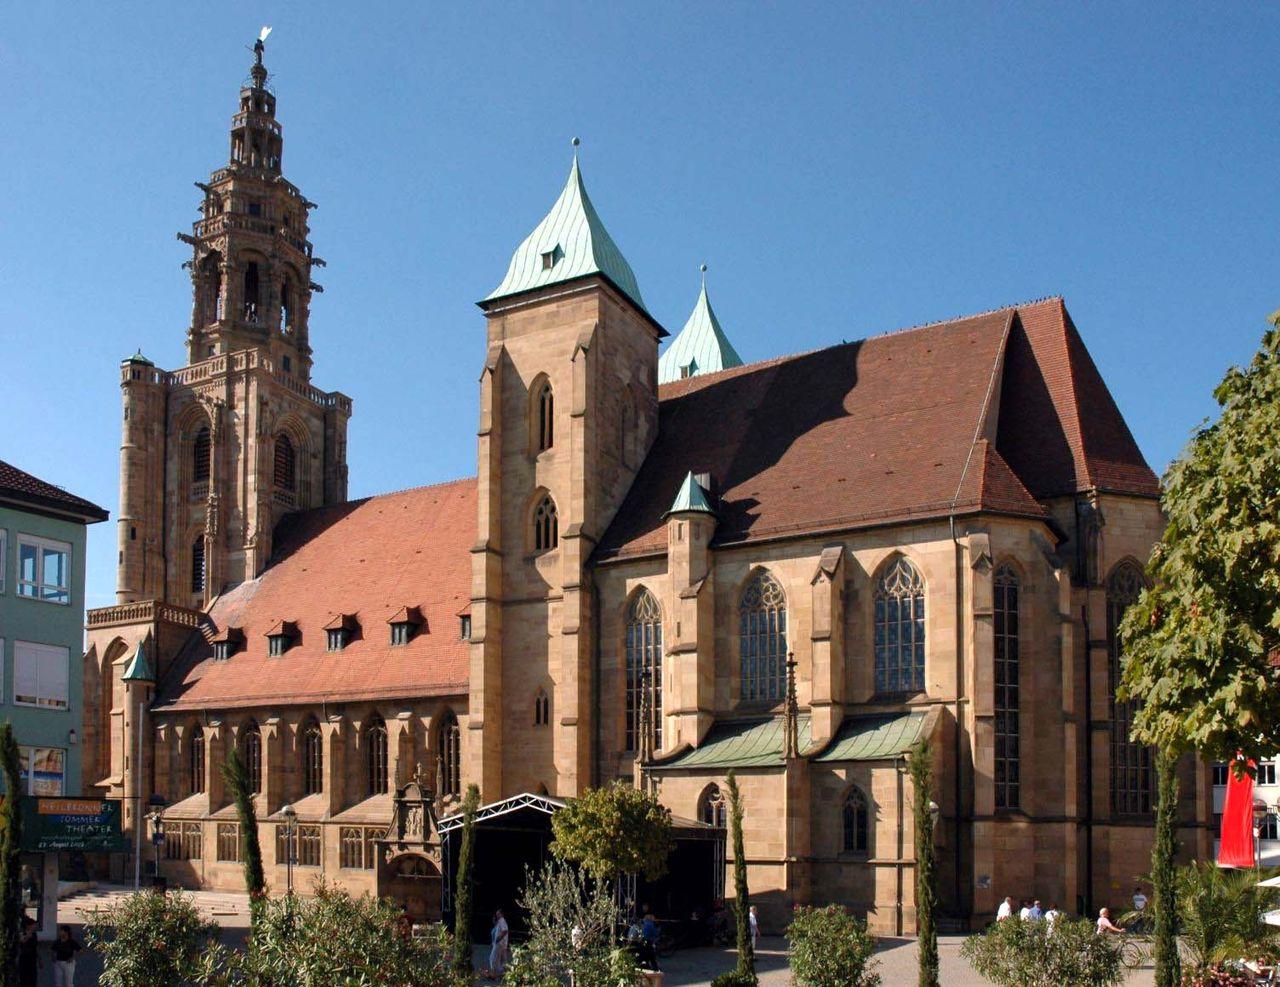 Хайльбронн, Германия: зачем ехать, чем заняться, где поесть, советы туристов